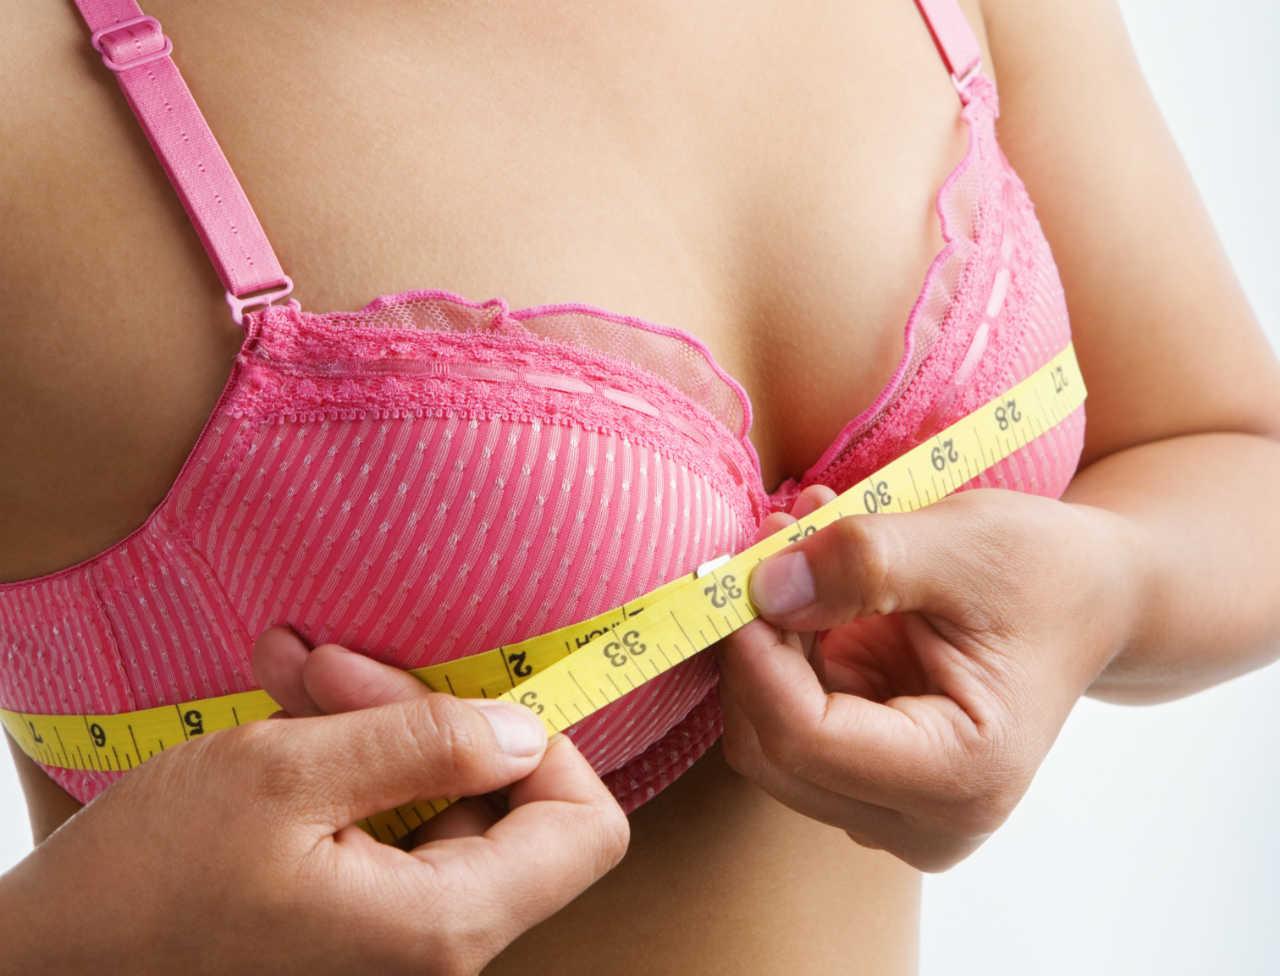 mes seins sont devenus plus petits perdre du poids